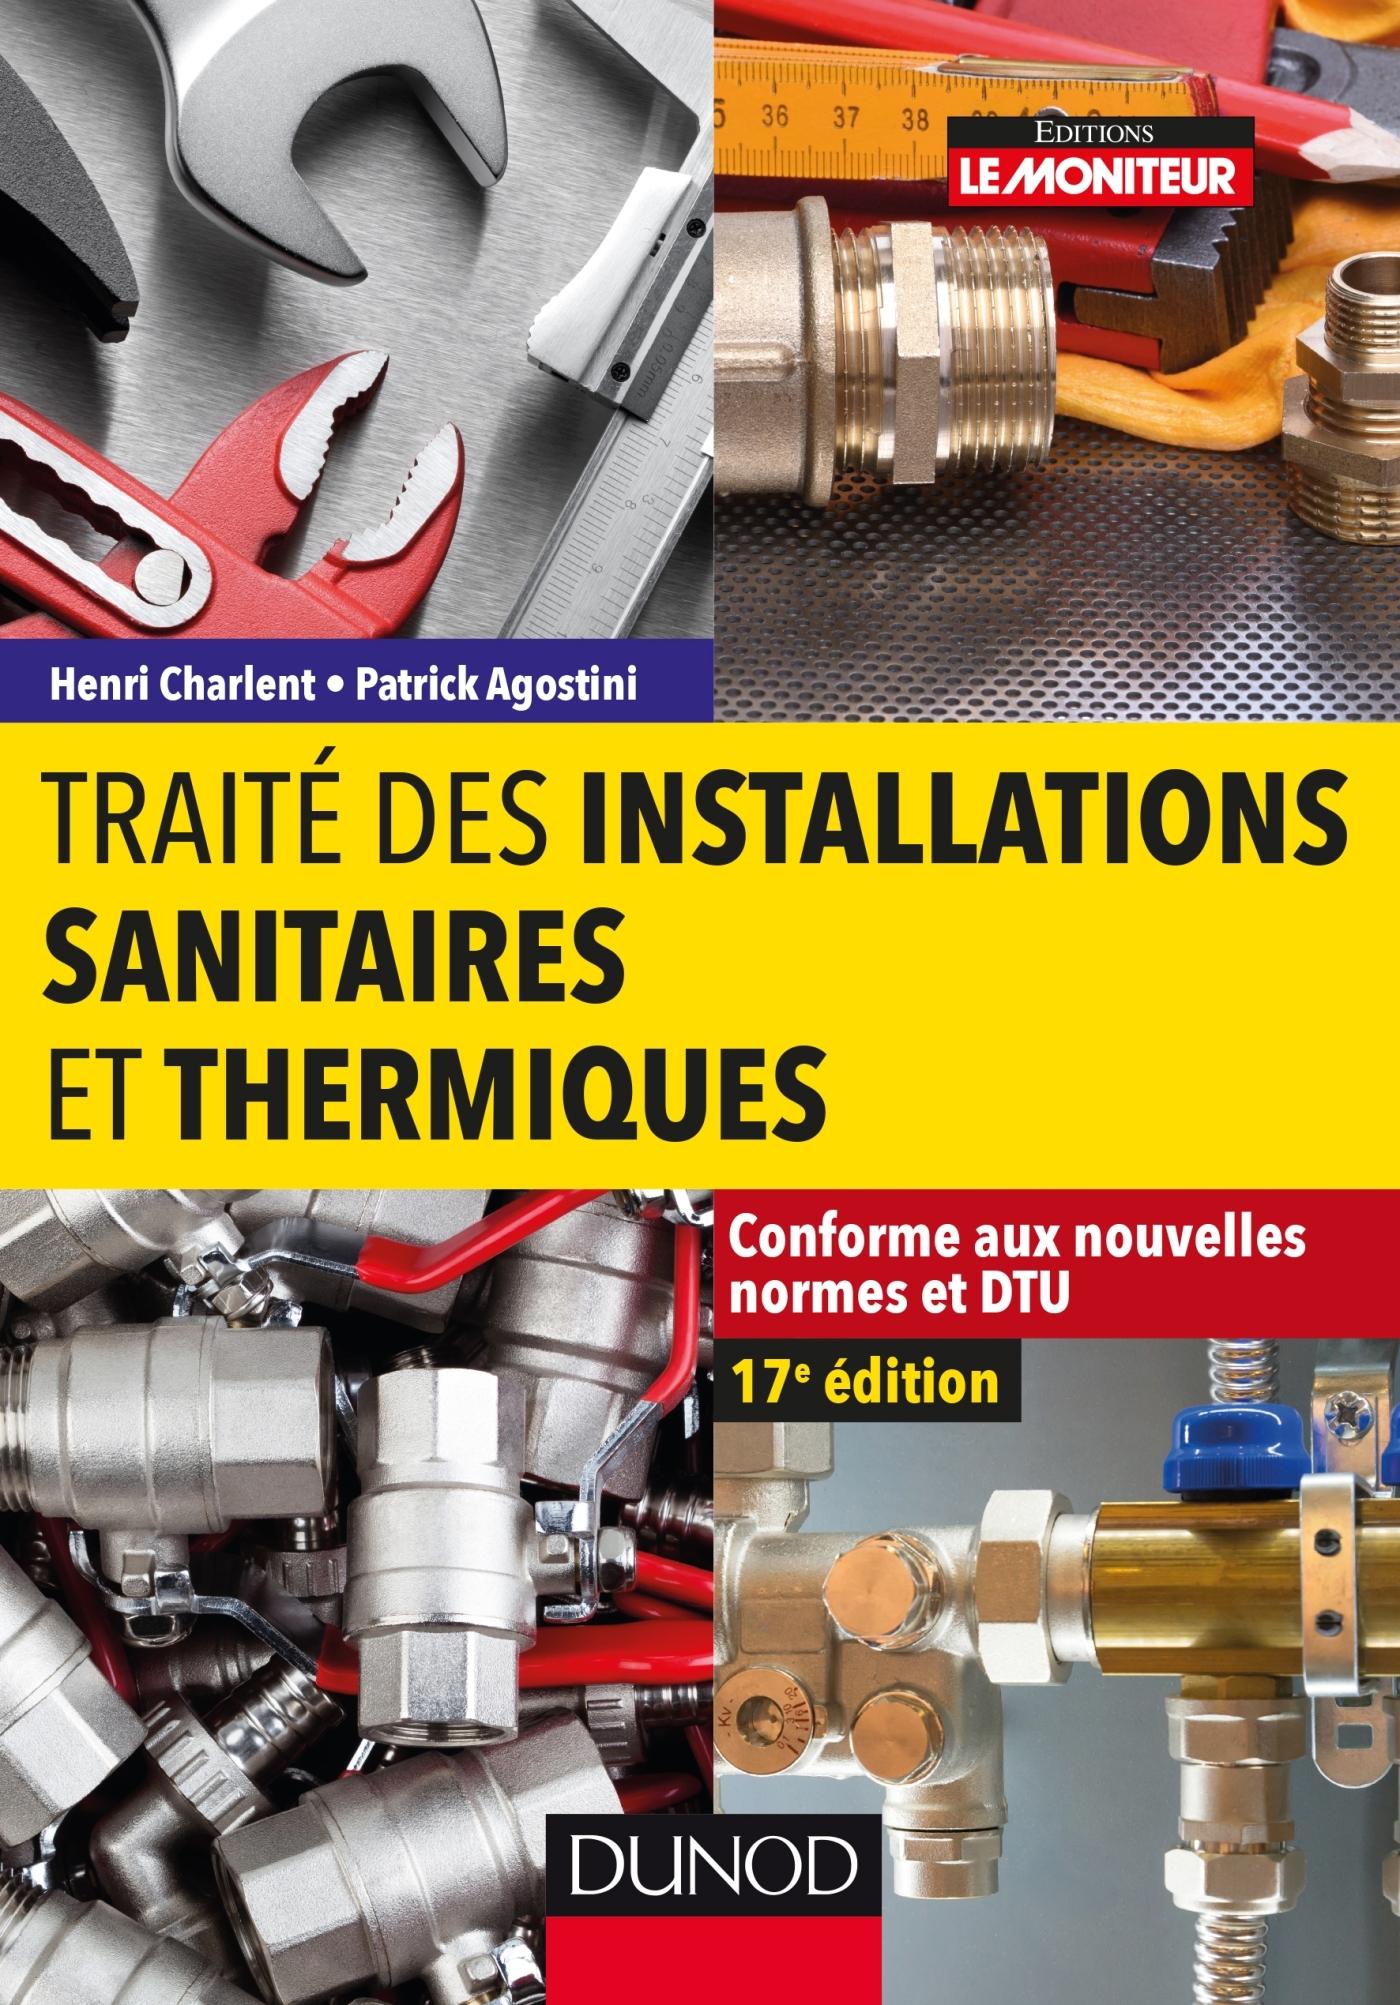 Norme Dtu Salle De Bain ~ trait des installations sanitaires et thermiques conforme aux